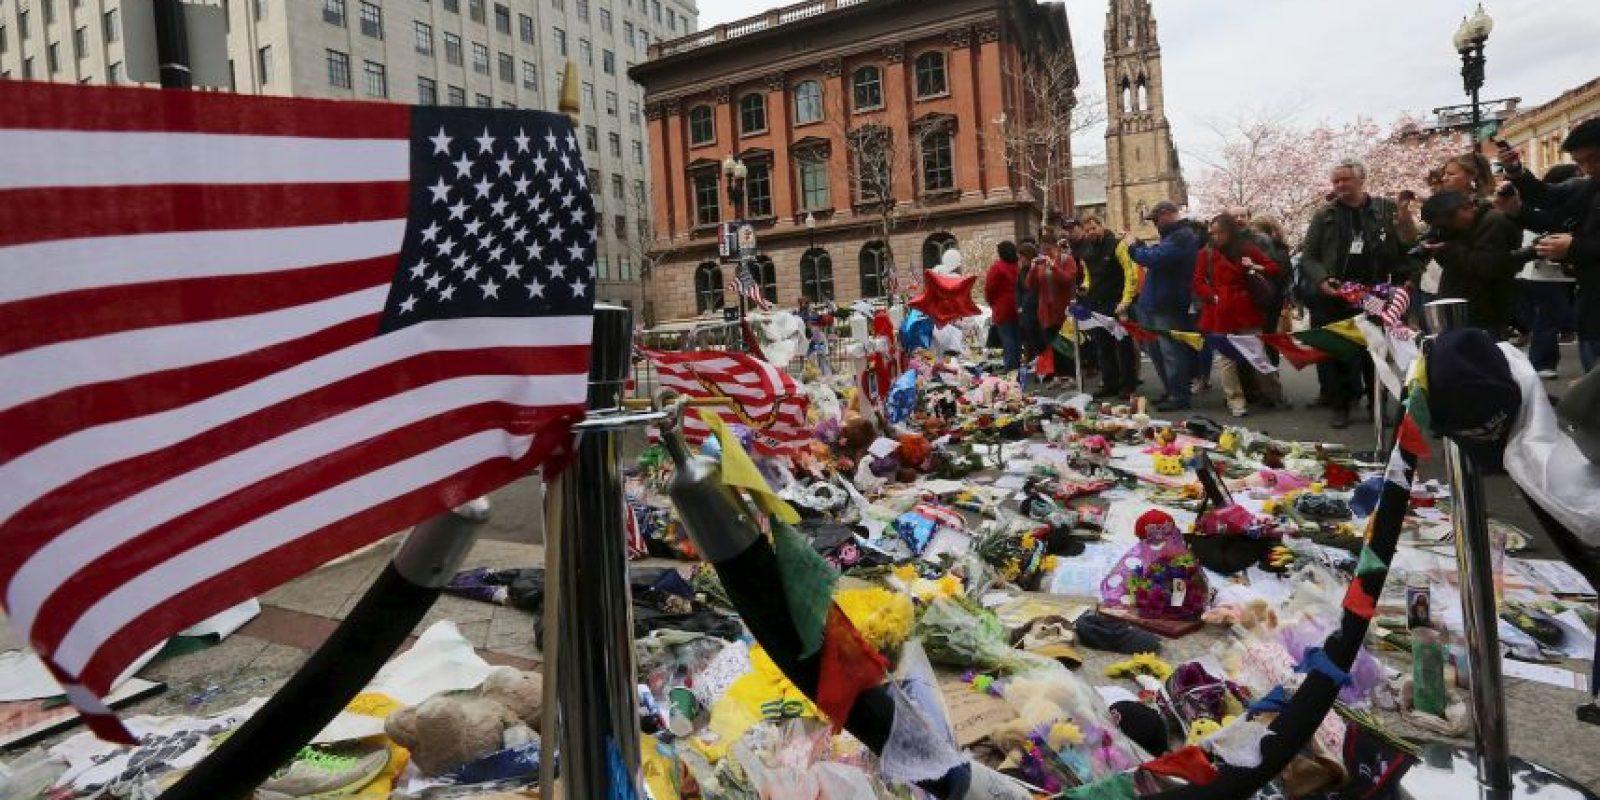 El lunes 20 de abril se celebró la 119 edición del maratón, después de dos años del atentado. Foto:Getty Images